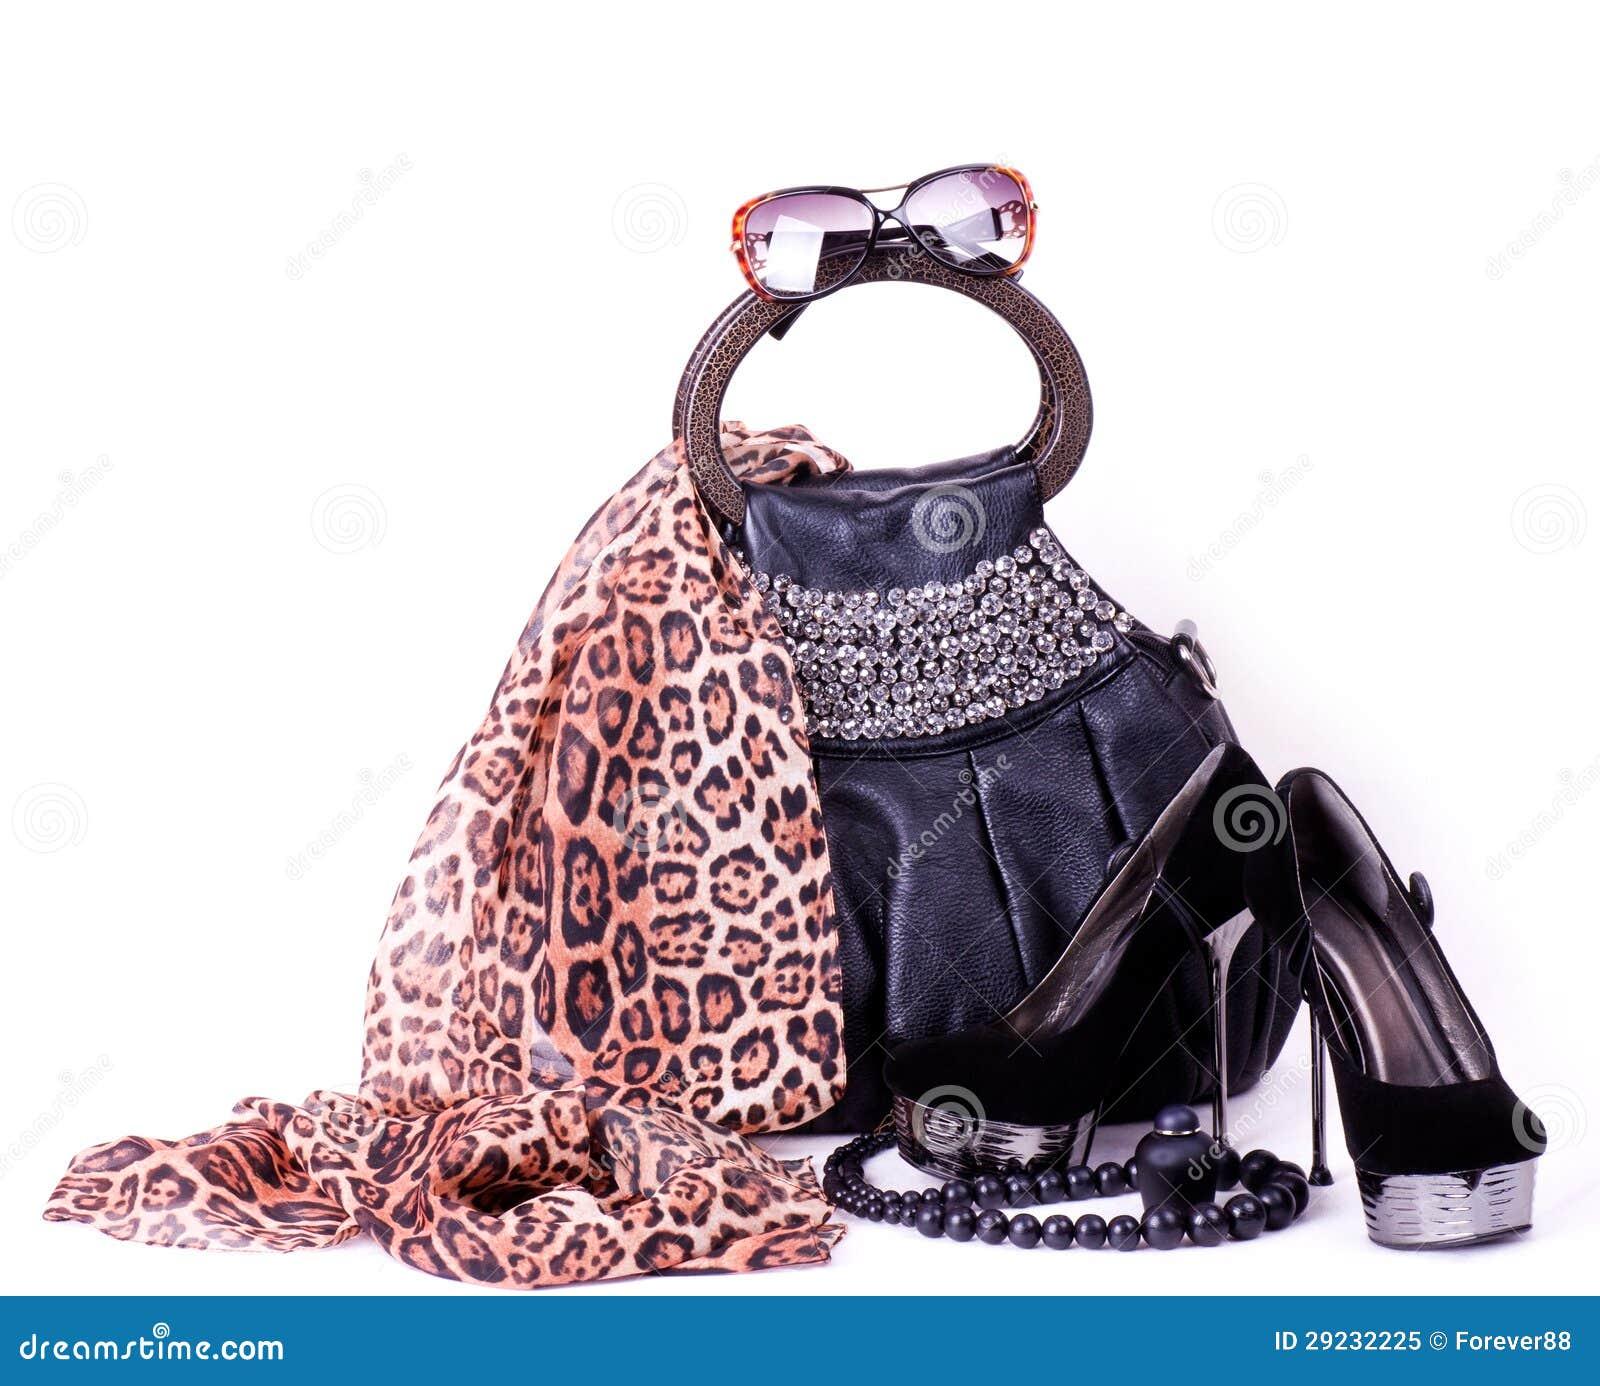 Download Acessórios elegantes imagem de stock. Imagem de elegance - 29232225